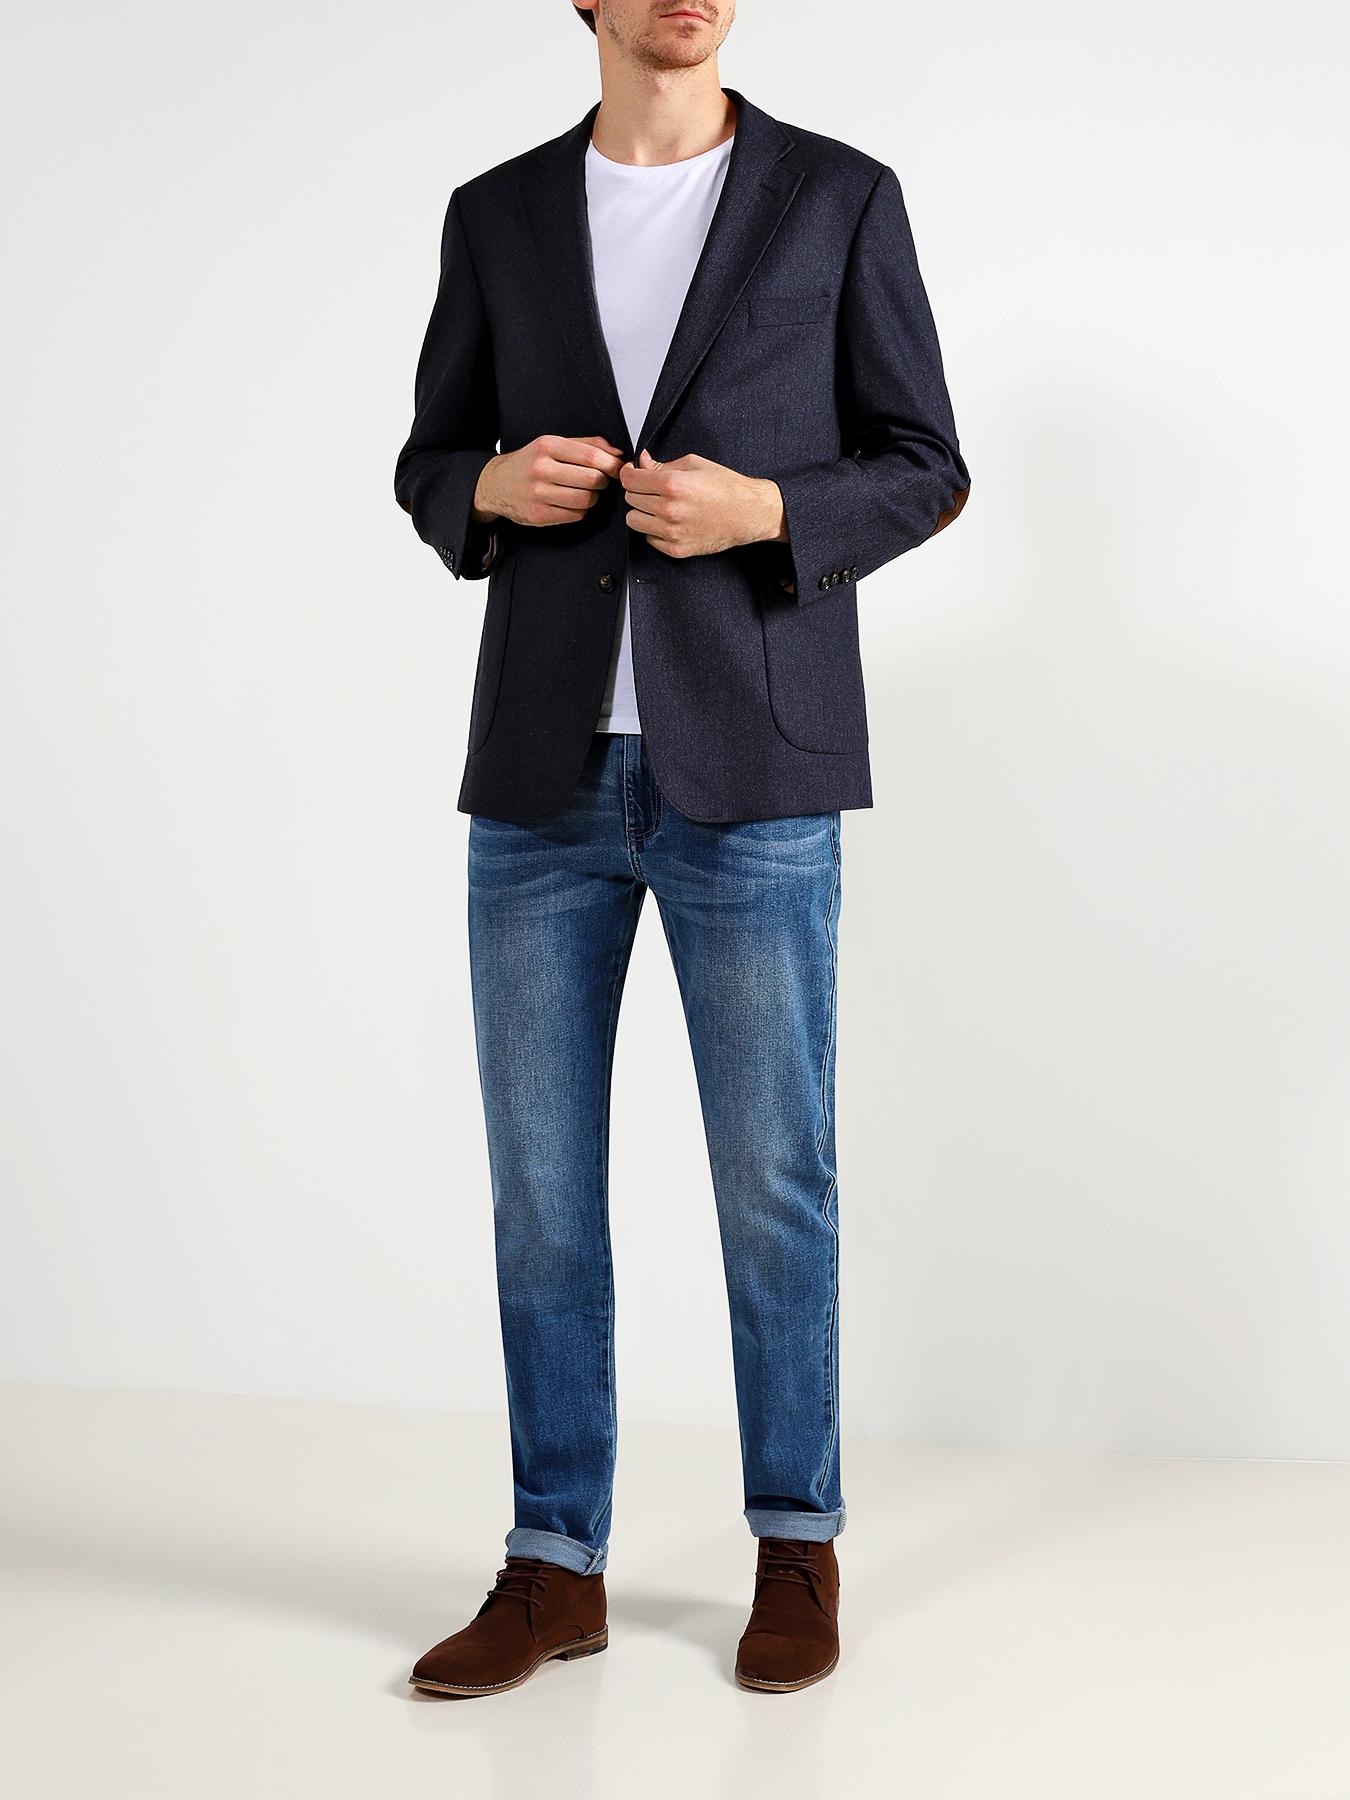 Брюки Ritter Jeans Зауженные джинсы брюки ritter jeans прямые джинсы